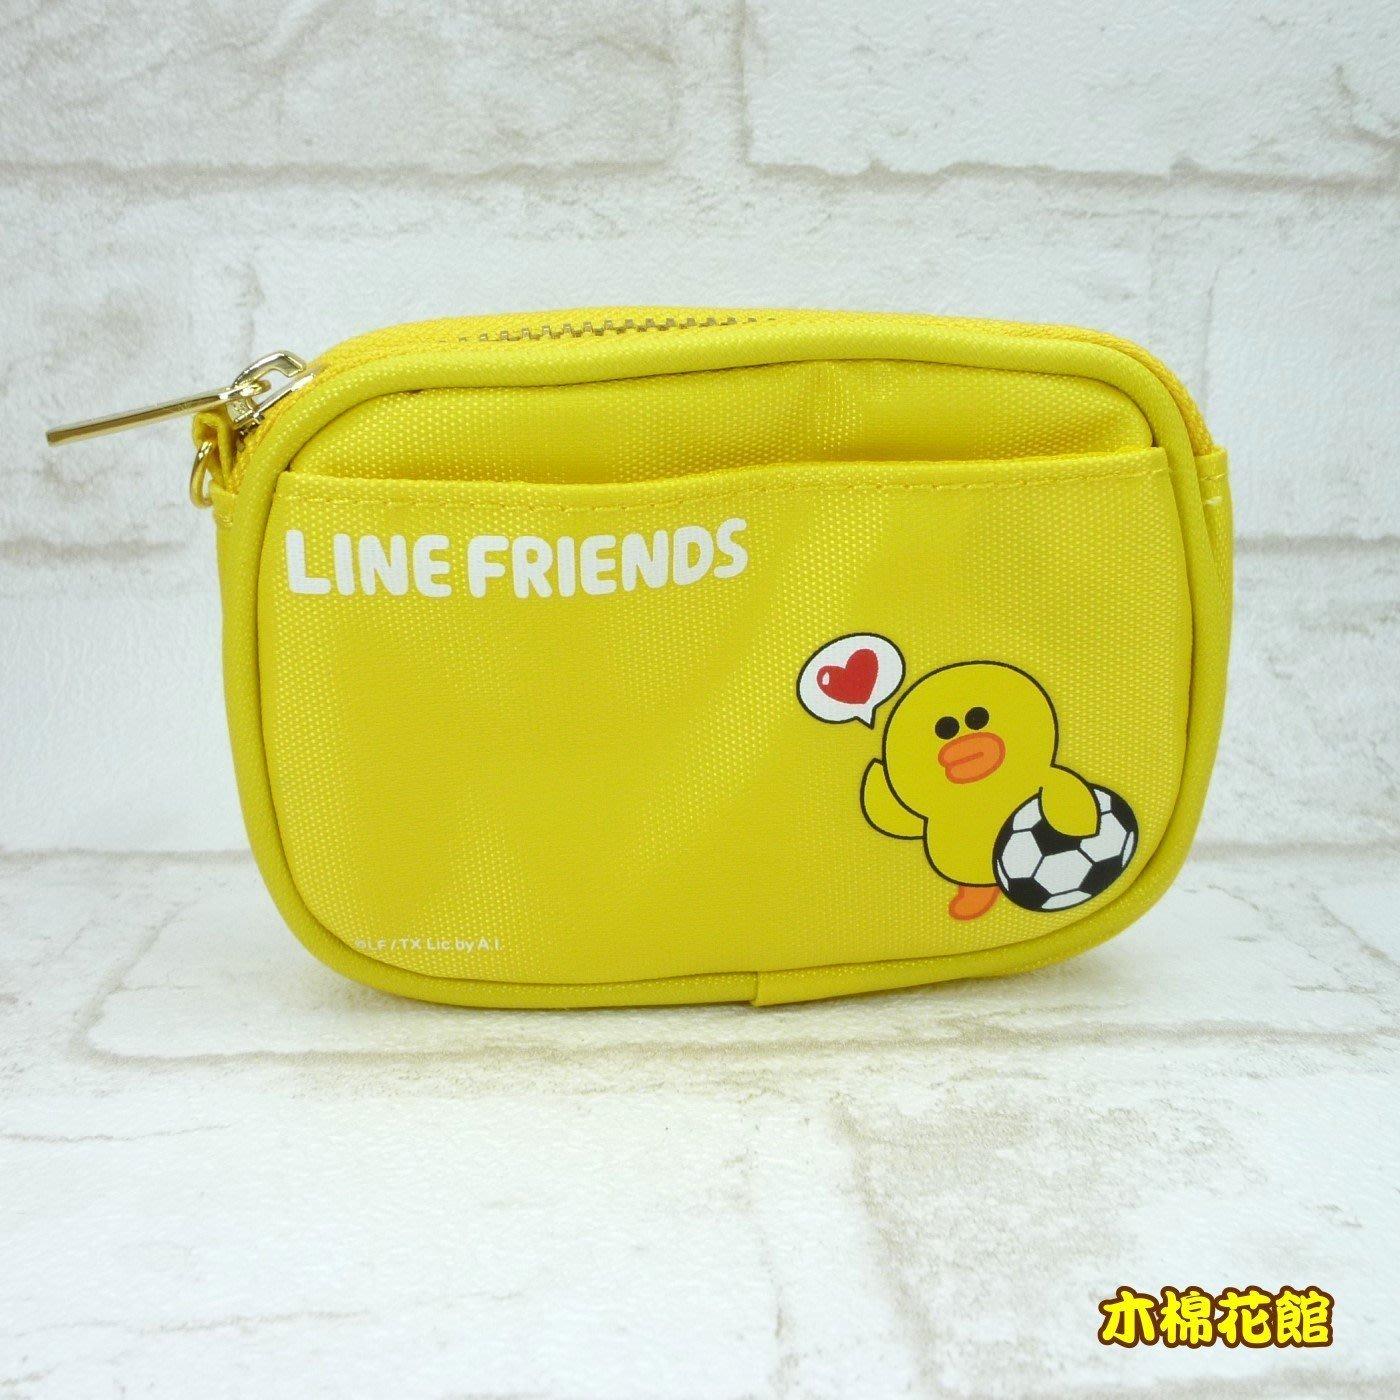 [木棉花館]LINE Friends黃色小雞 2014年世足限定版零錢包 原價$450 特價$350 僅此一件